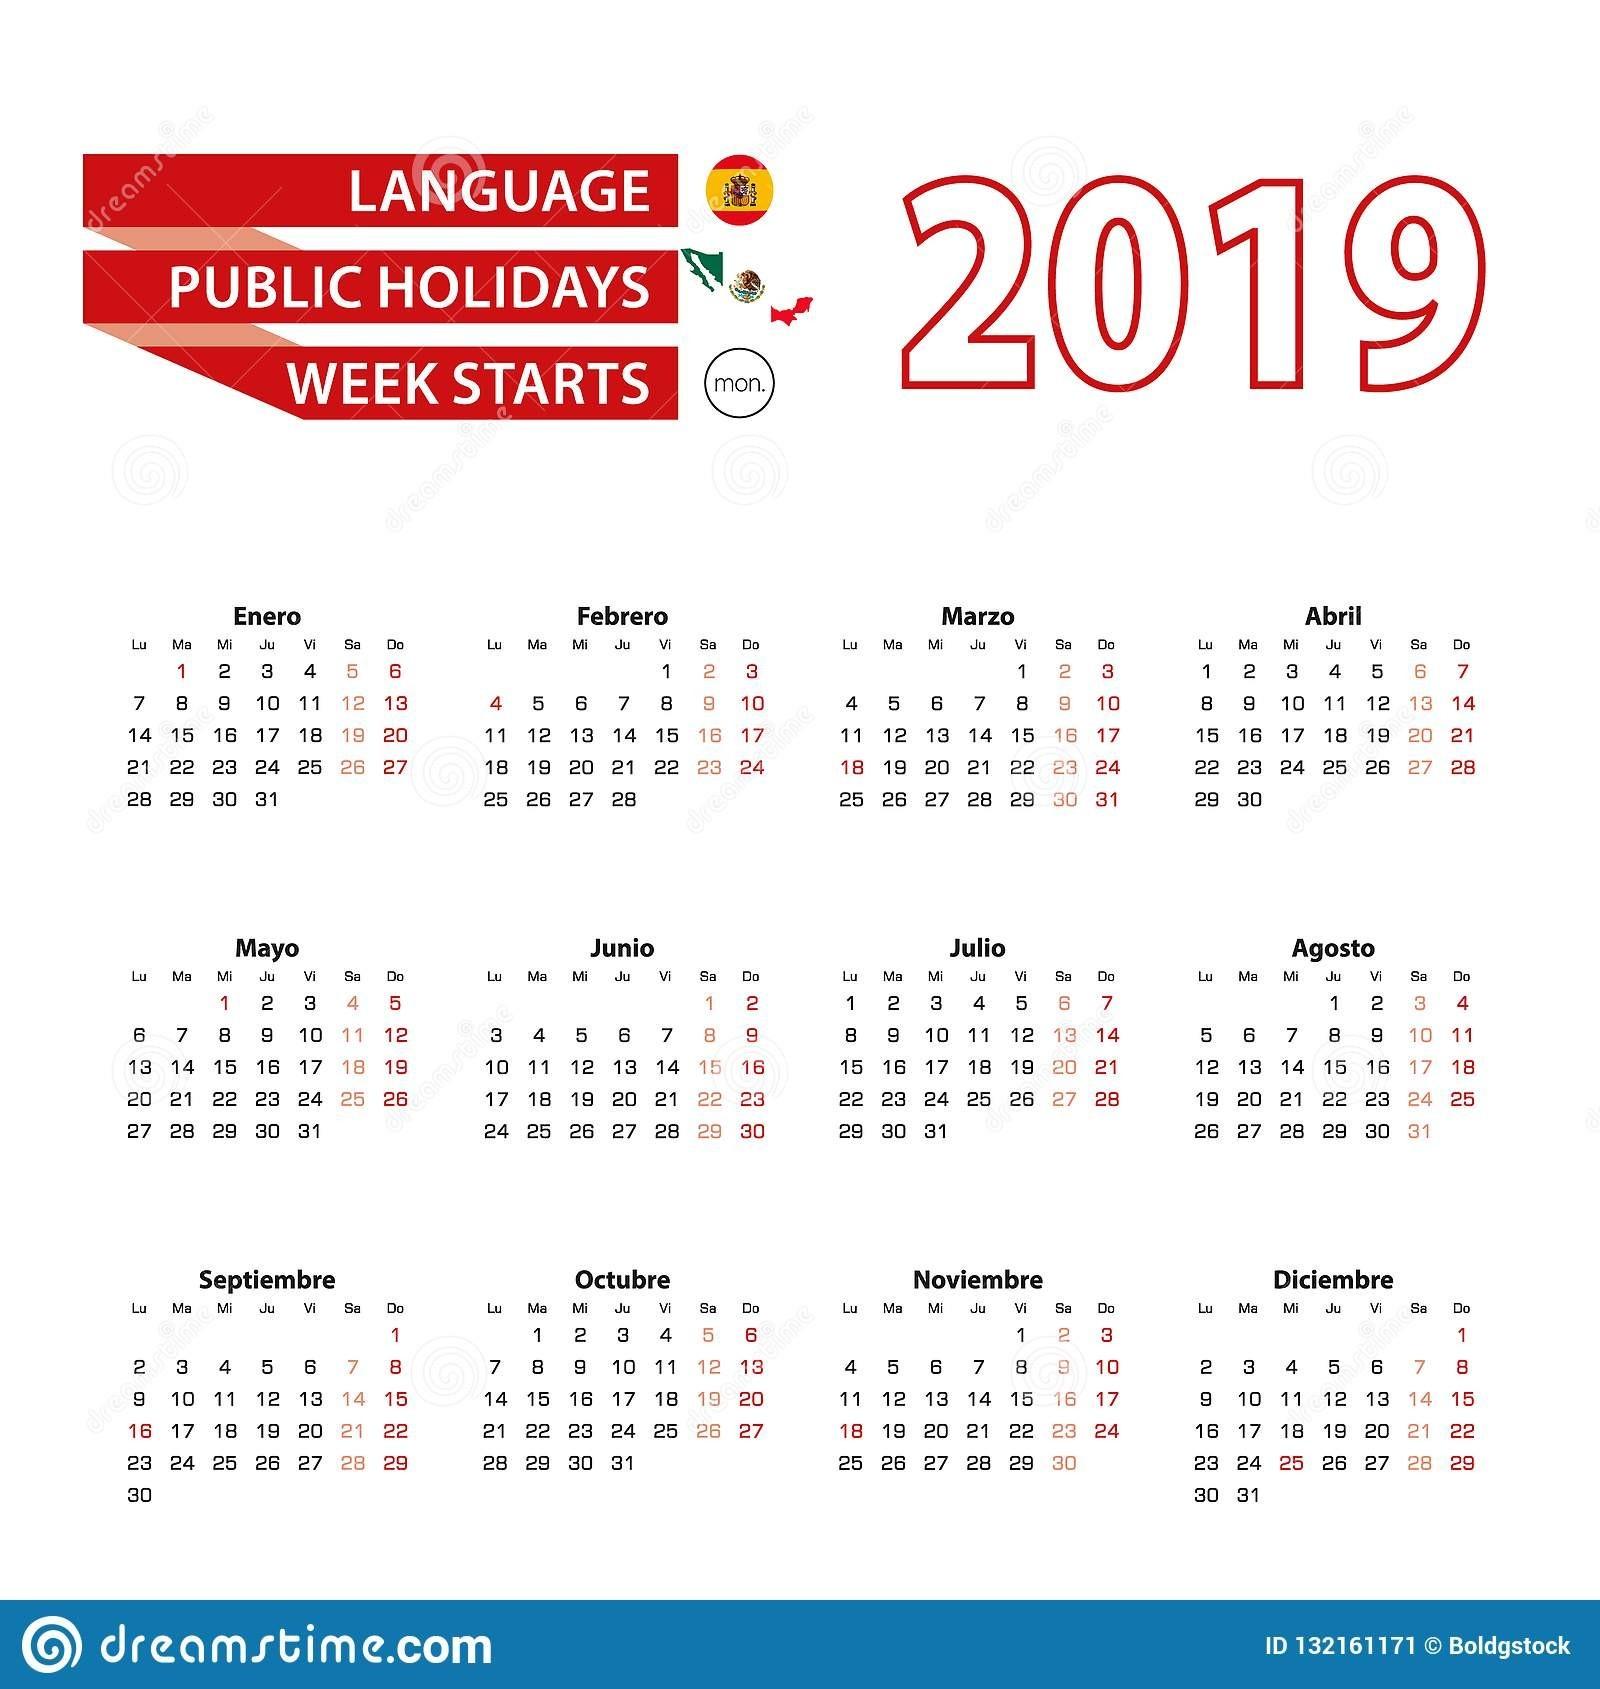 Calendario 4 Meses 2019 Mejores Y Más Novedosos Sin Embargo Este Es Calendario 2019 Para Imprimir Por Meses Of Calendario 4 Meses 2019 Mejores Y Más Novedosos Este Es Realmente Calendario 2019 Feriados